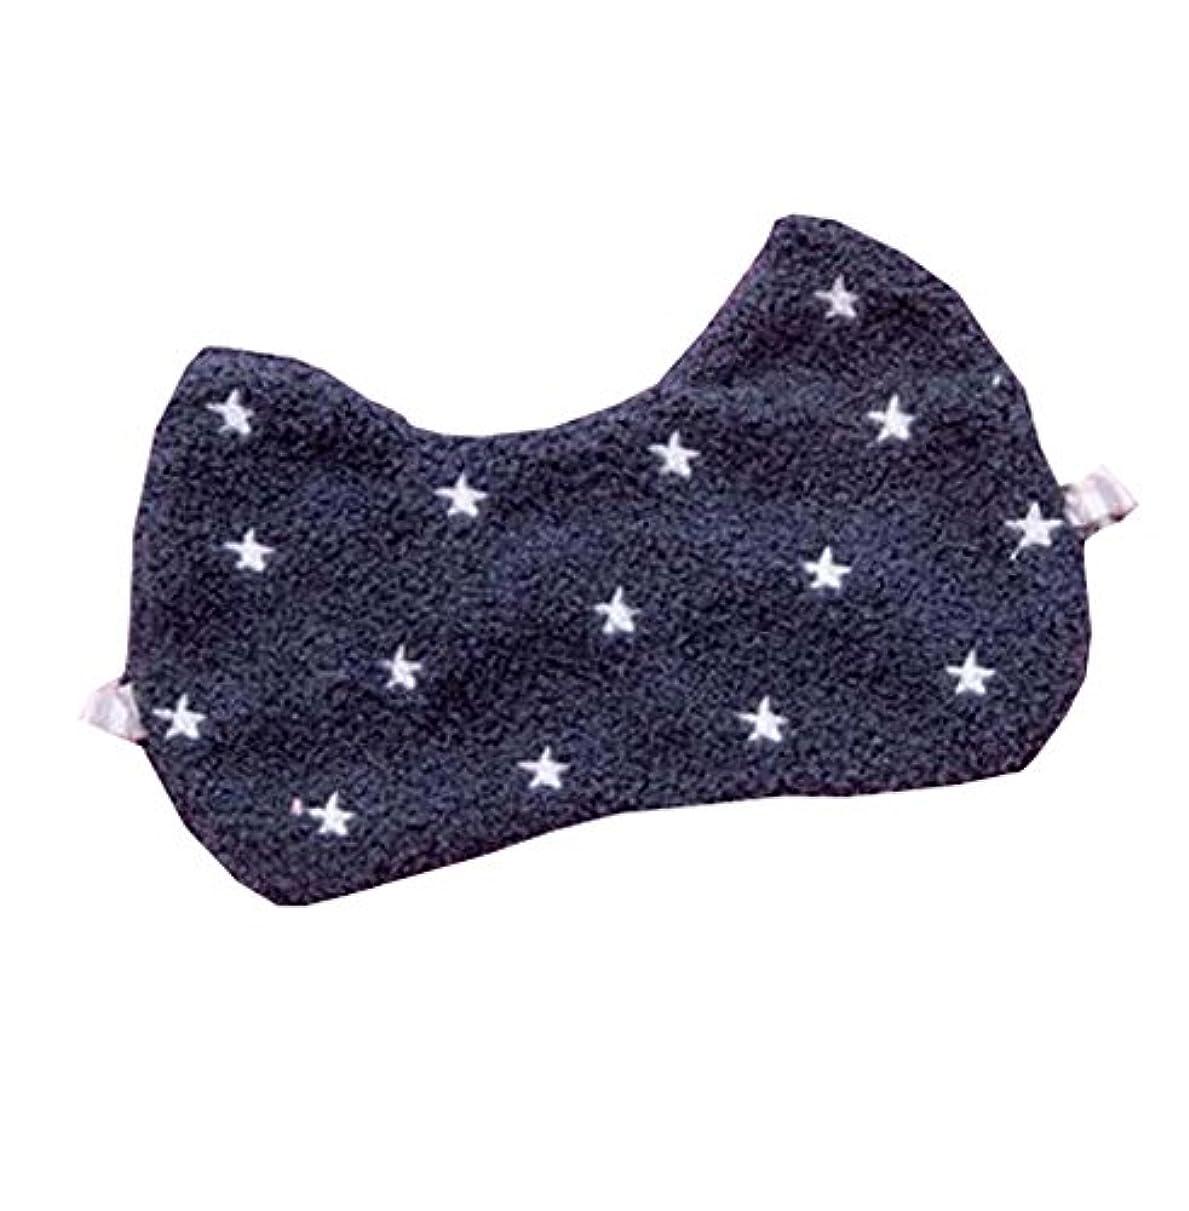 人生を作る思い出させる代わりにを立てる女の子の旅行スリーピングアイシェード - 目隠しナップカバーアイマスク睡眠改善、E